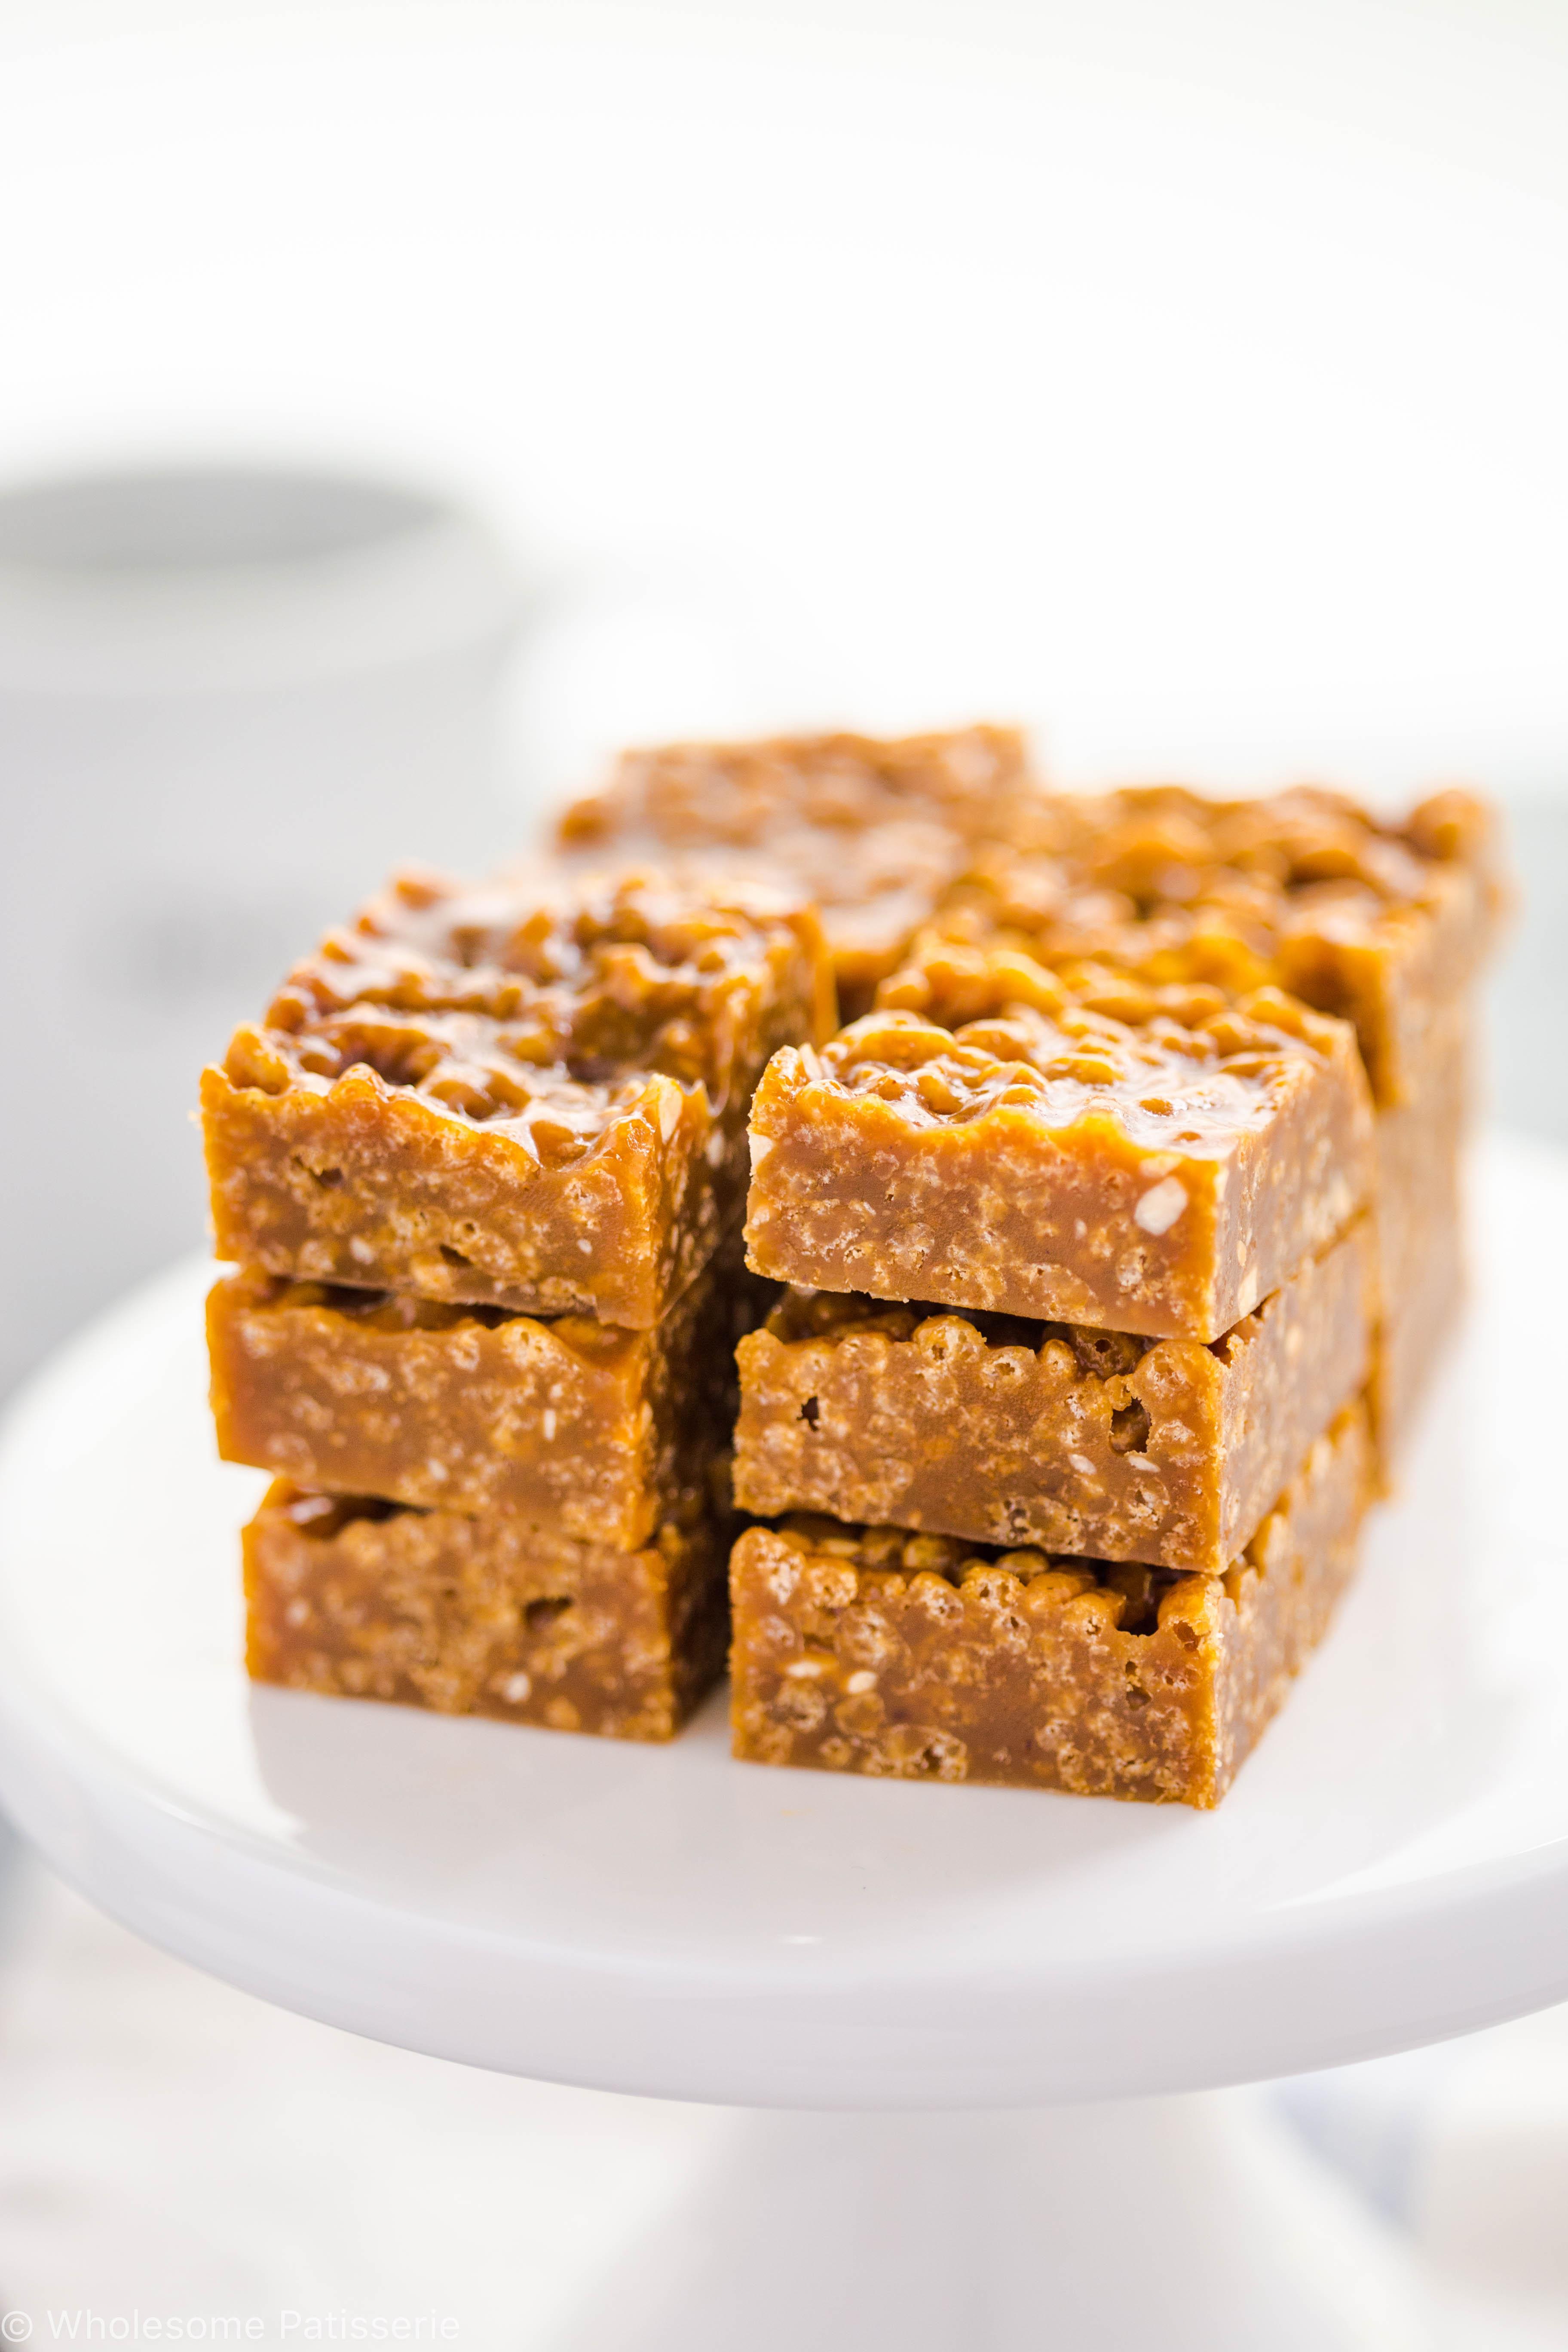 caramel-fudge-squares-delicous-gluten-free-easy-kids-vegetarian-slice-recipe-simple